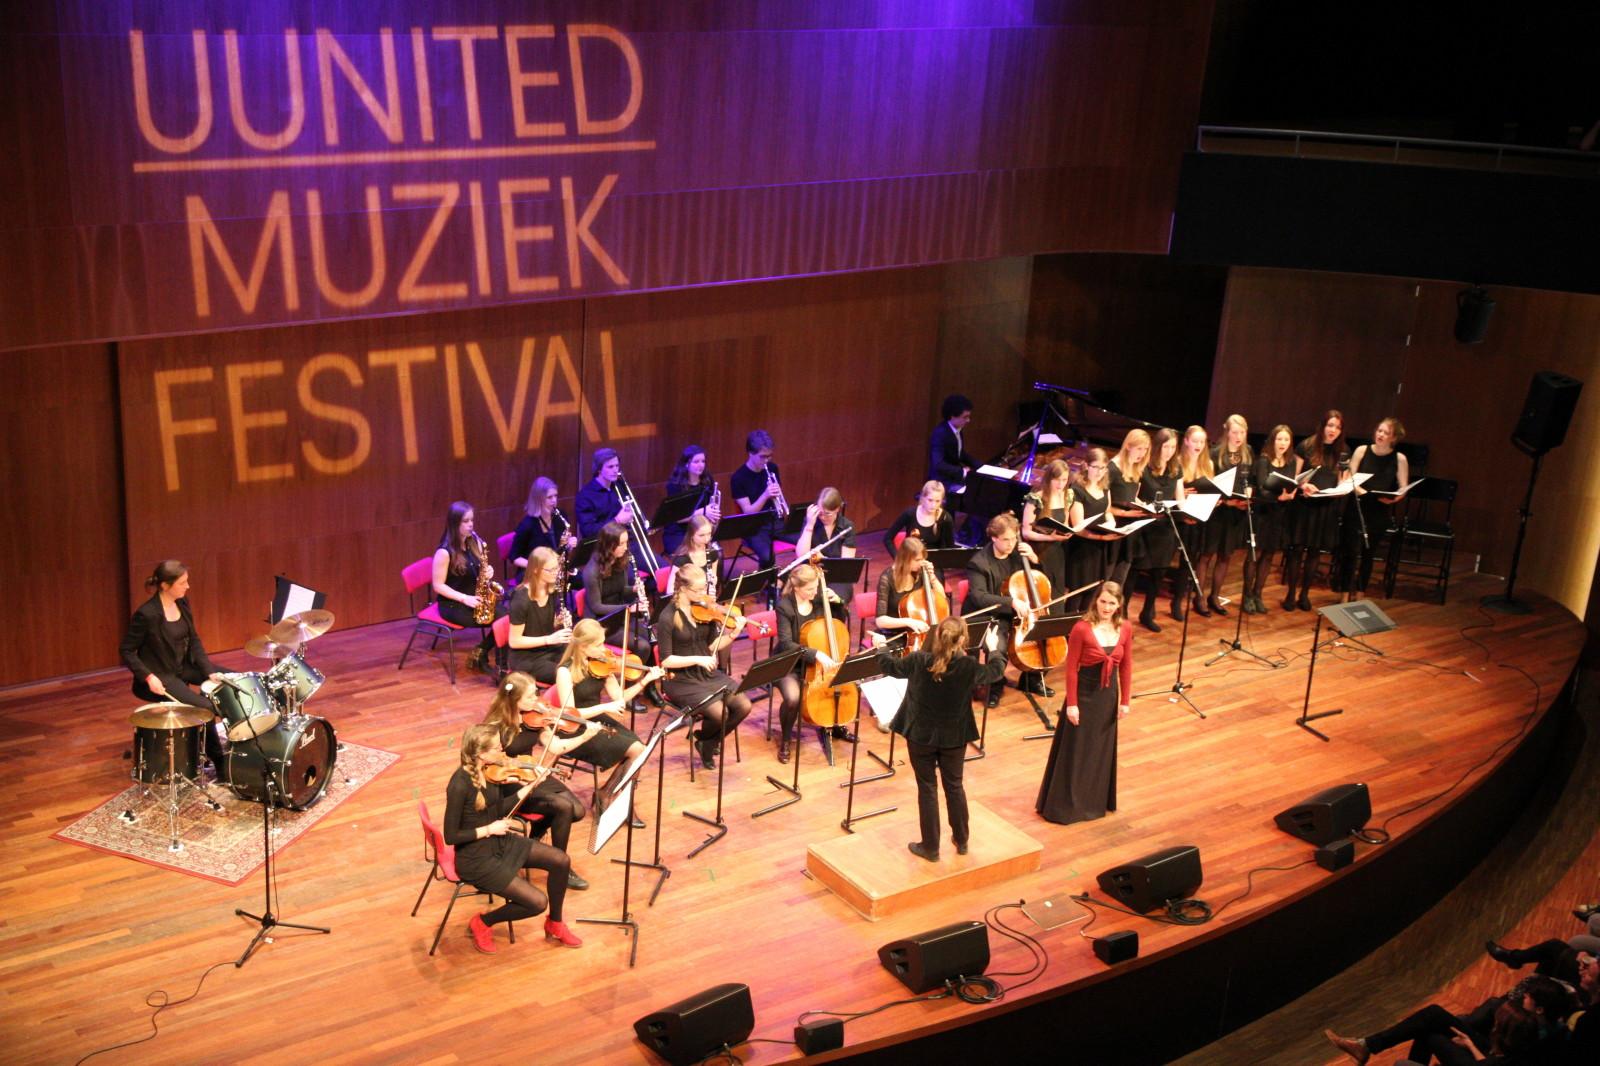 Carmen op UUnited festival, foto door Paul van Laar